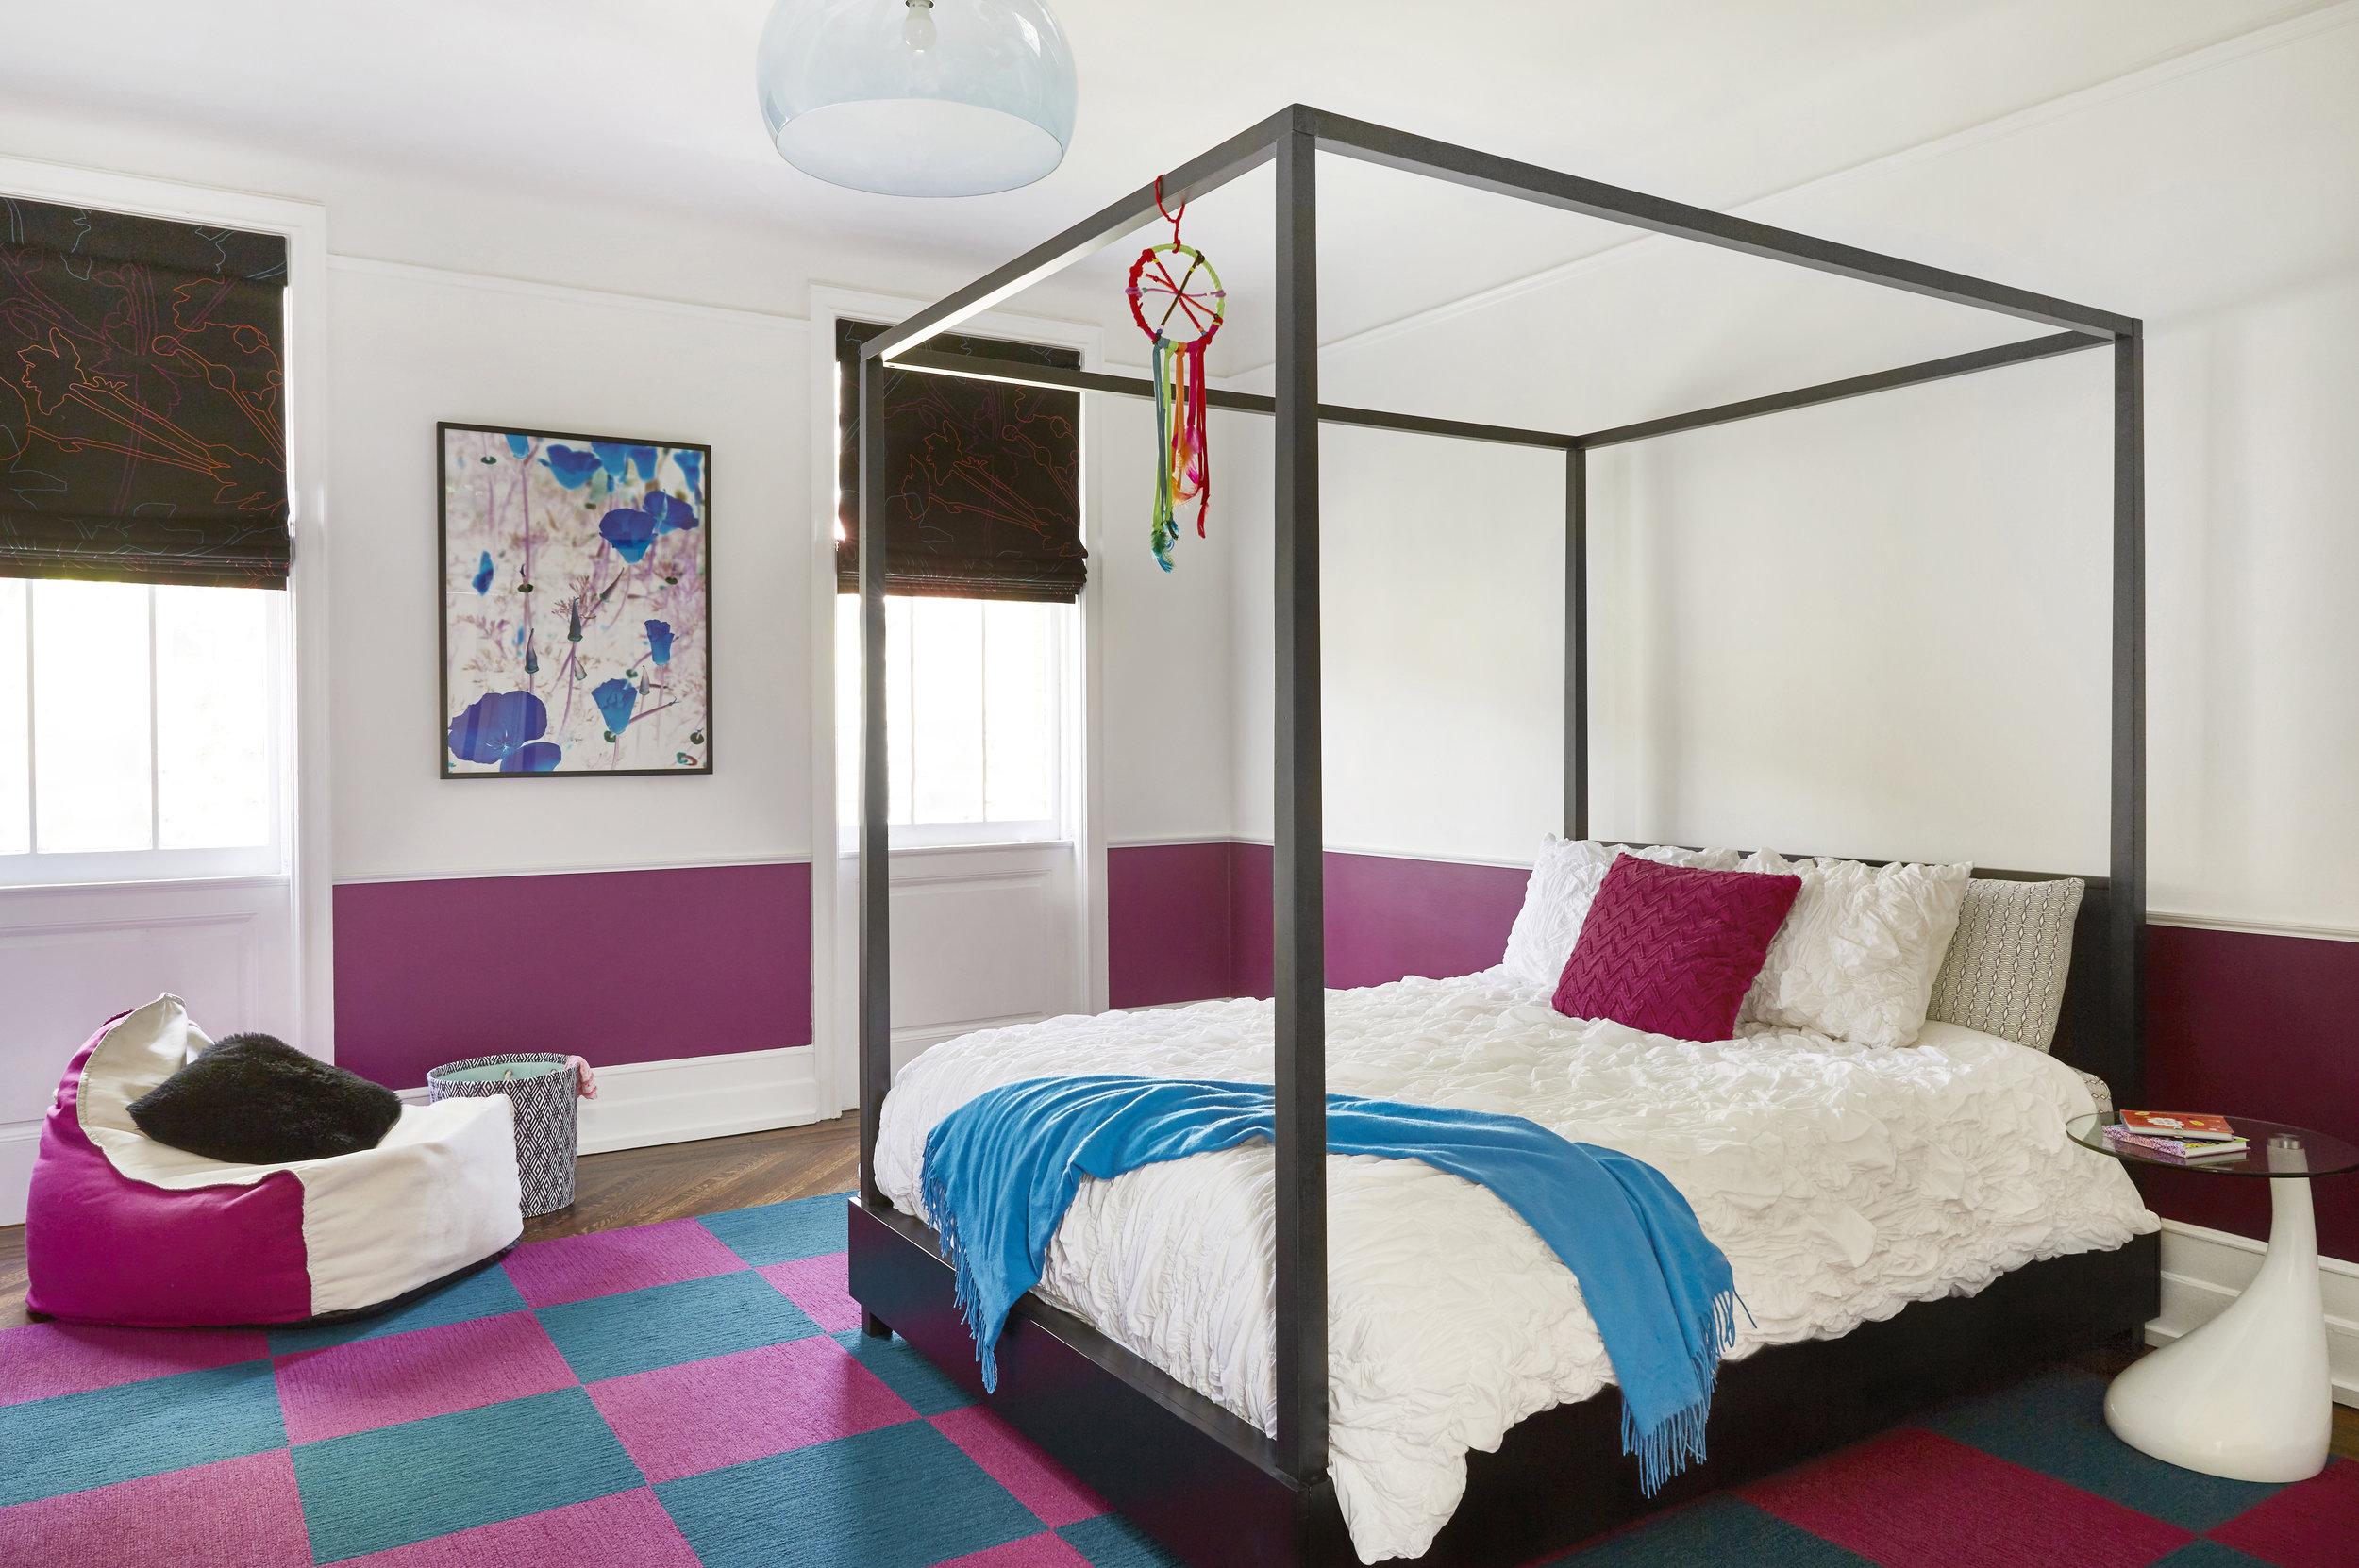 Teenage-Bedroom-Rainbow-Dreamcatcher-4-Post-Bed-JMorris-Design-Interior-Designer-Brooklyn-New-York-Online.jpg